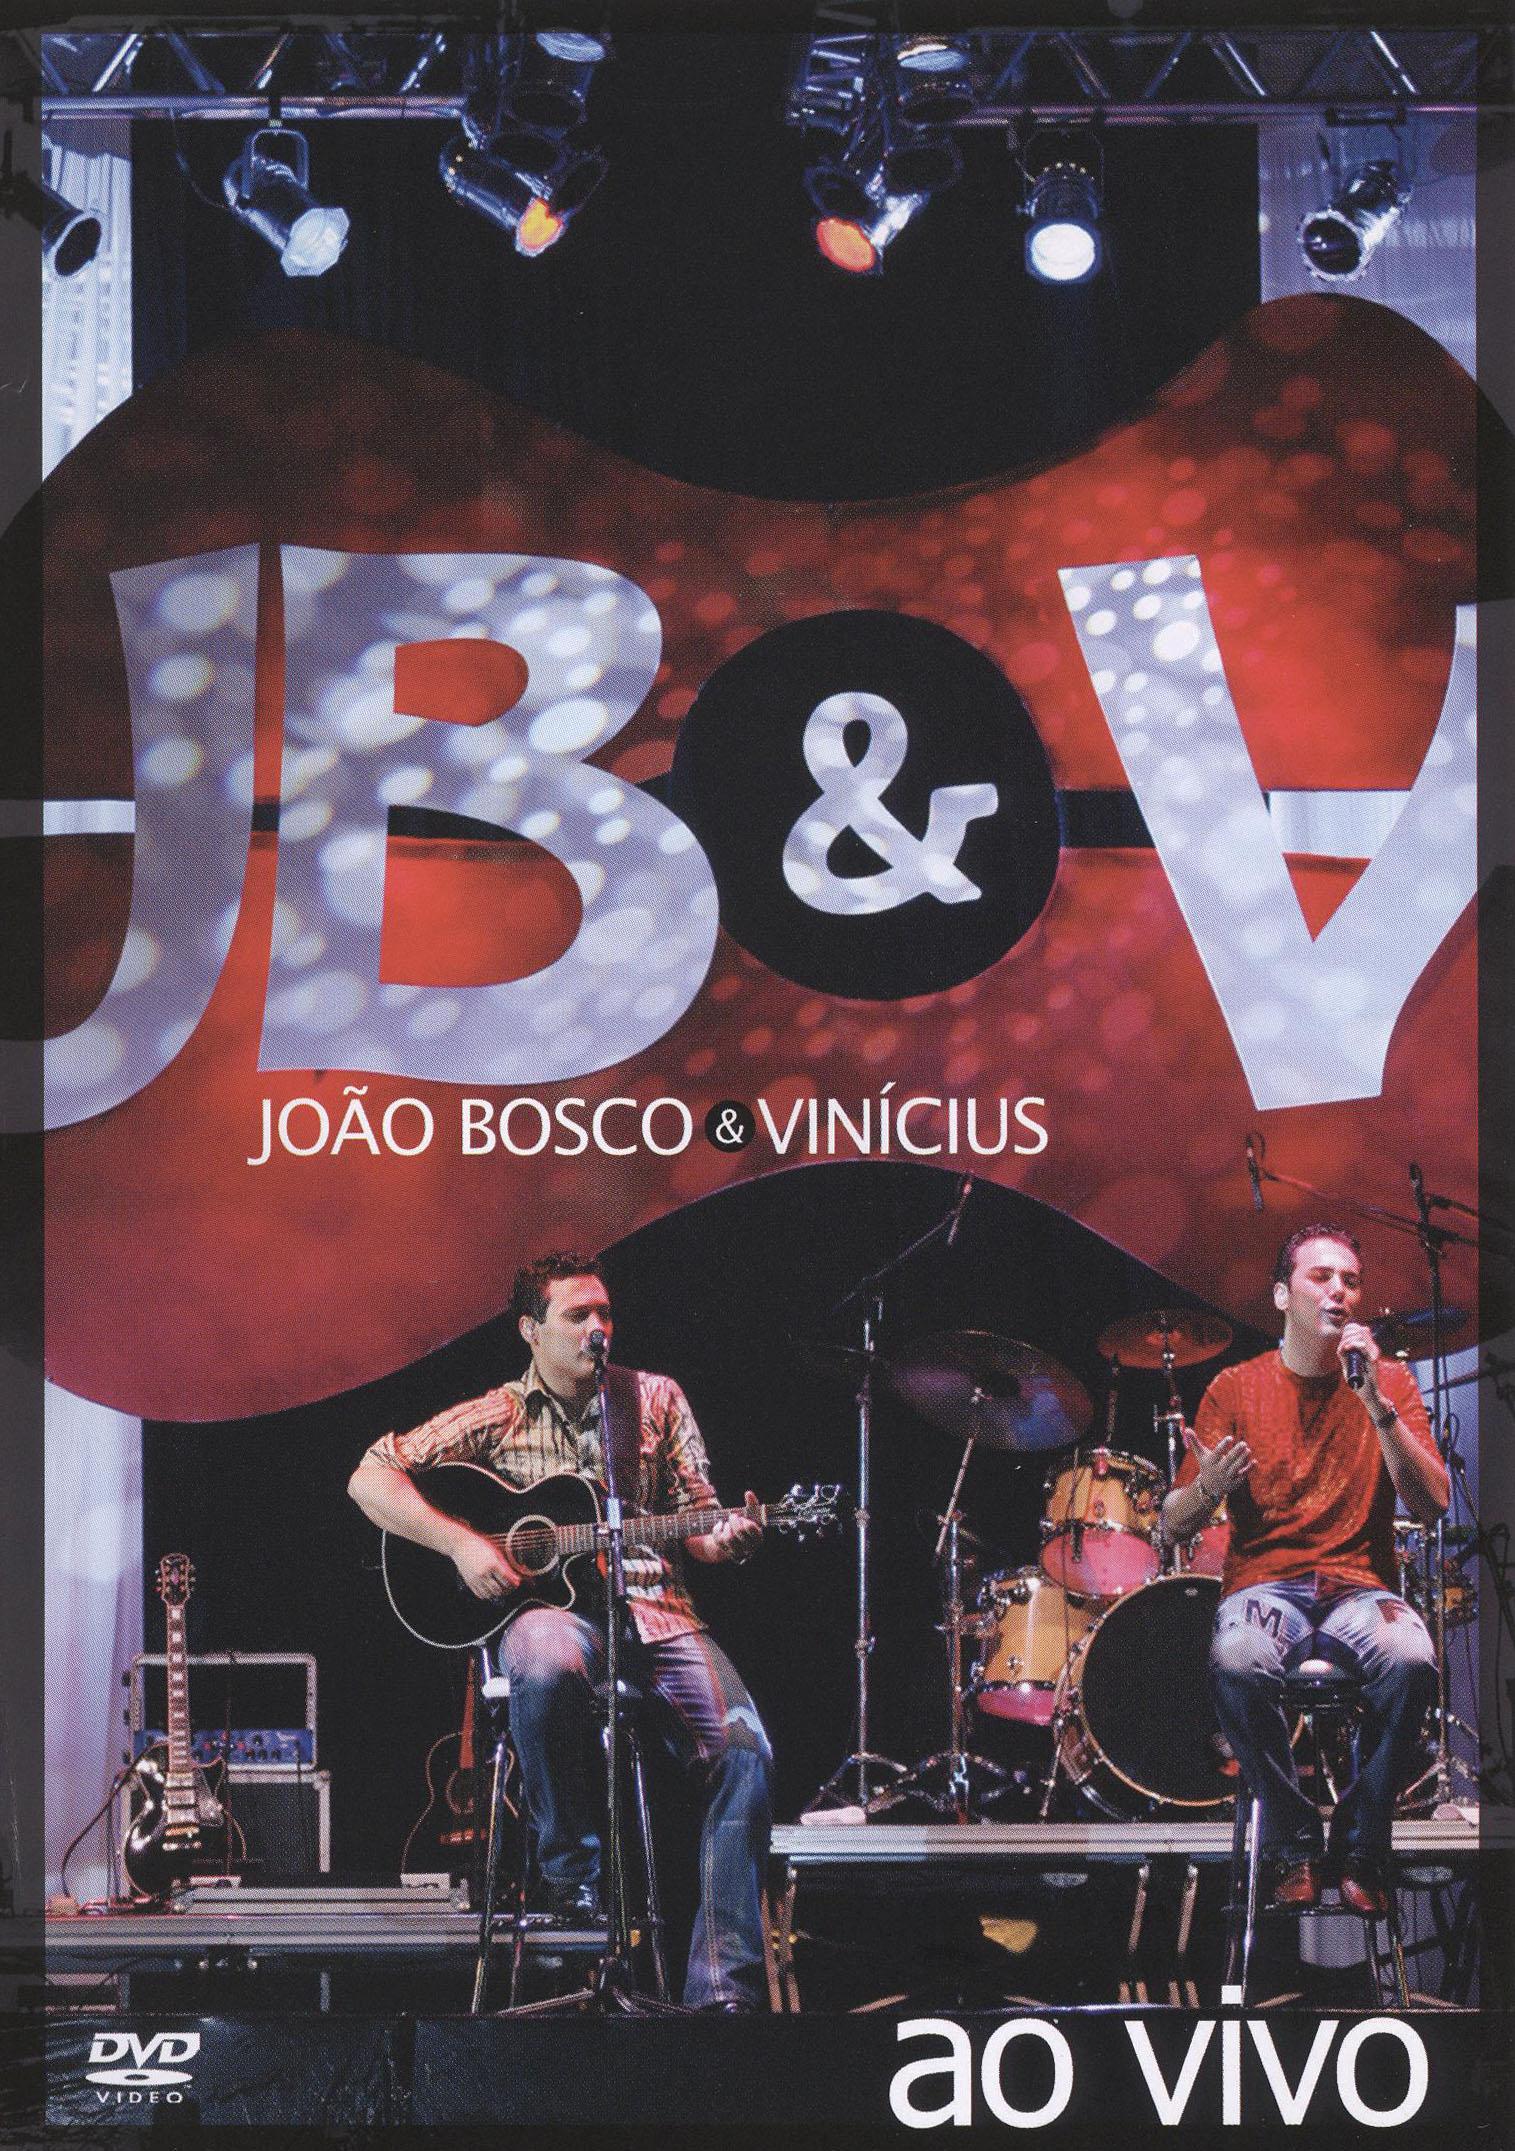 Joao Bosco: Joao Bosco & Vinicius